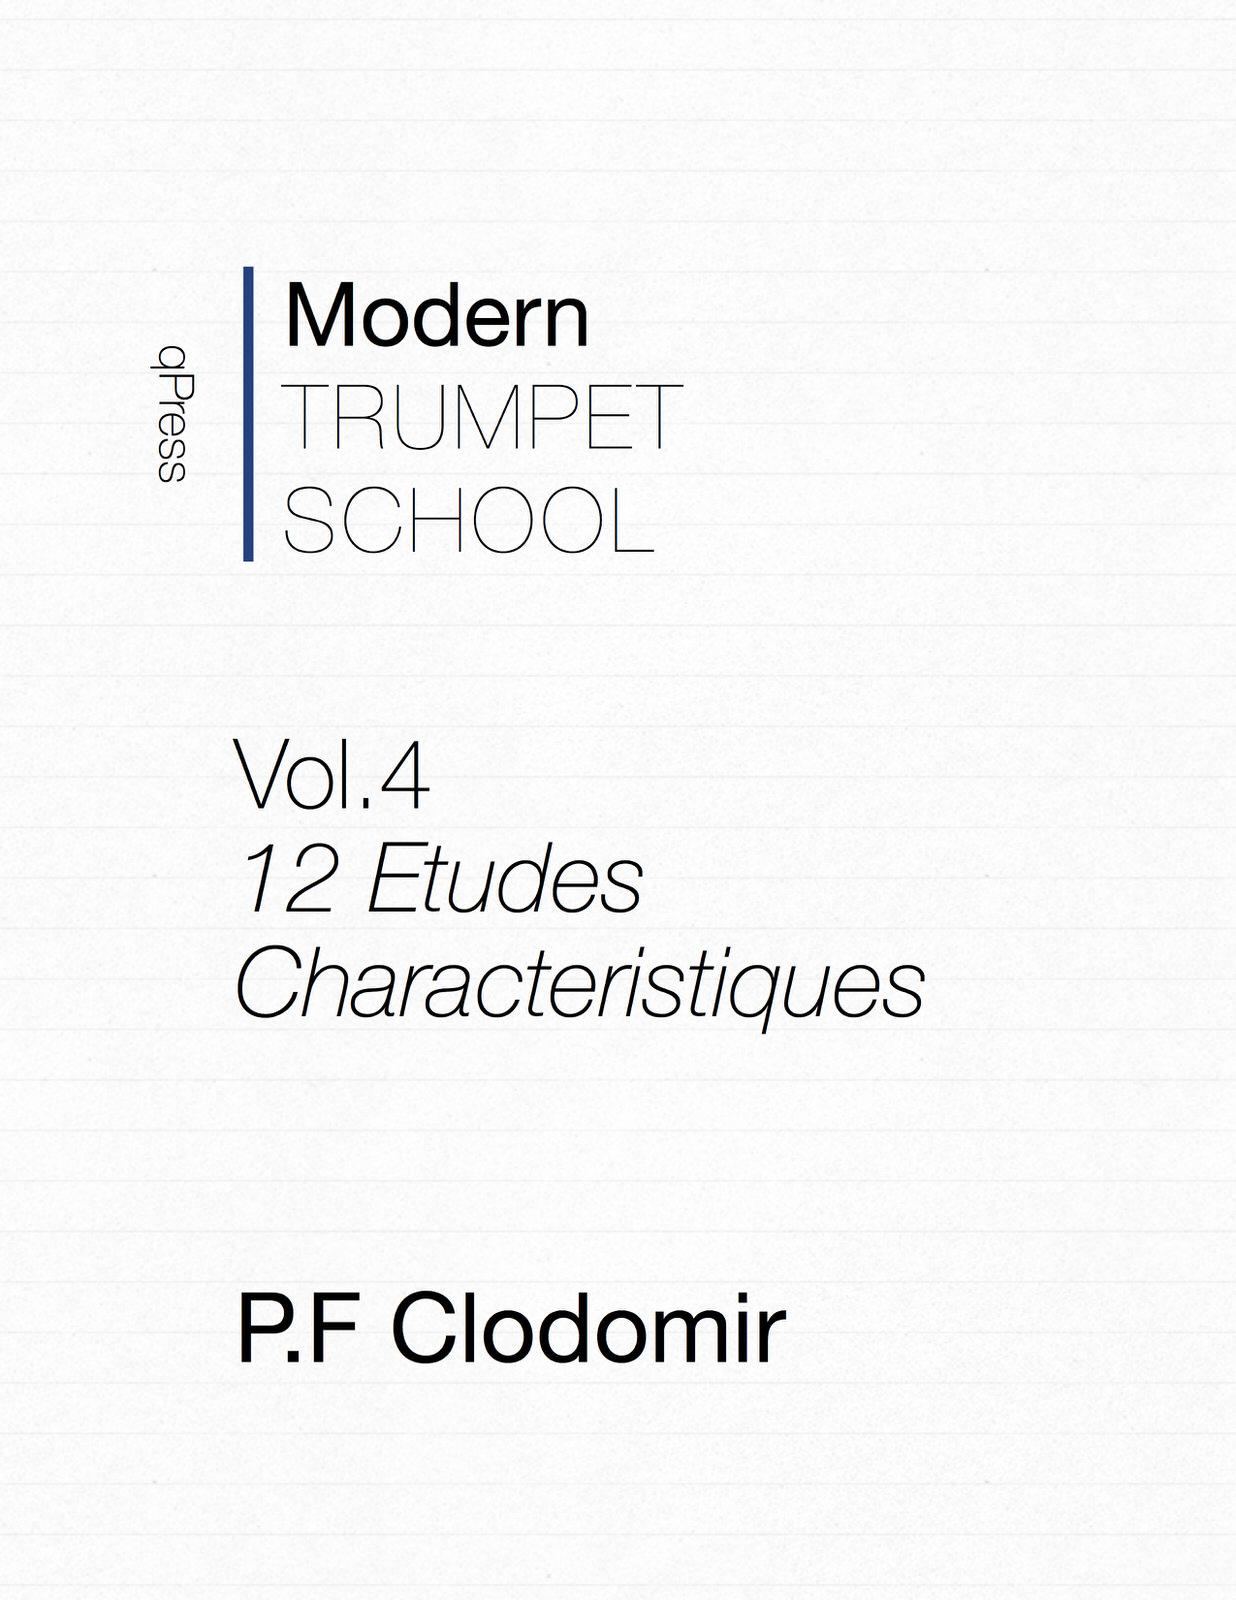 clodomir-vol-4-12-etudes-characteristiques